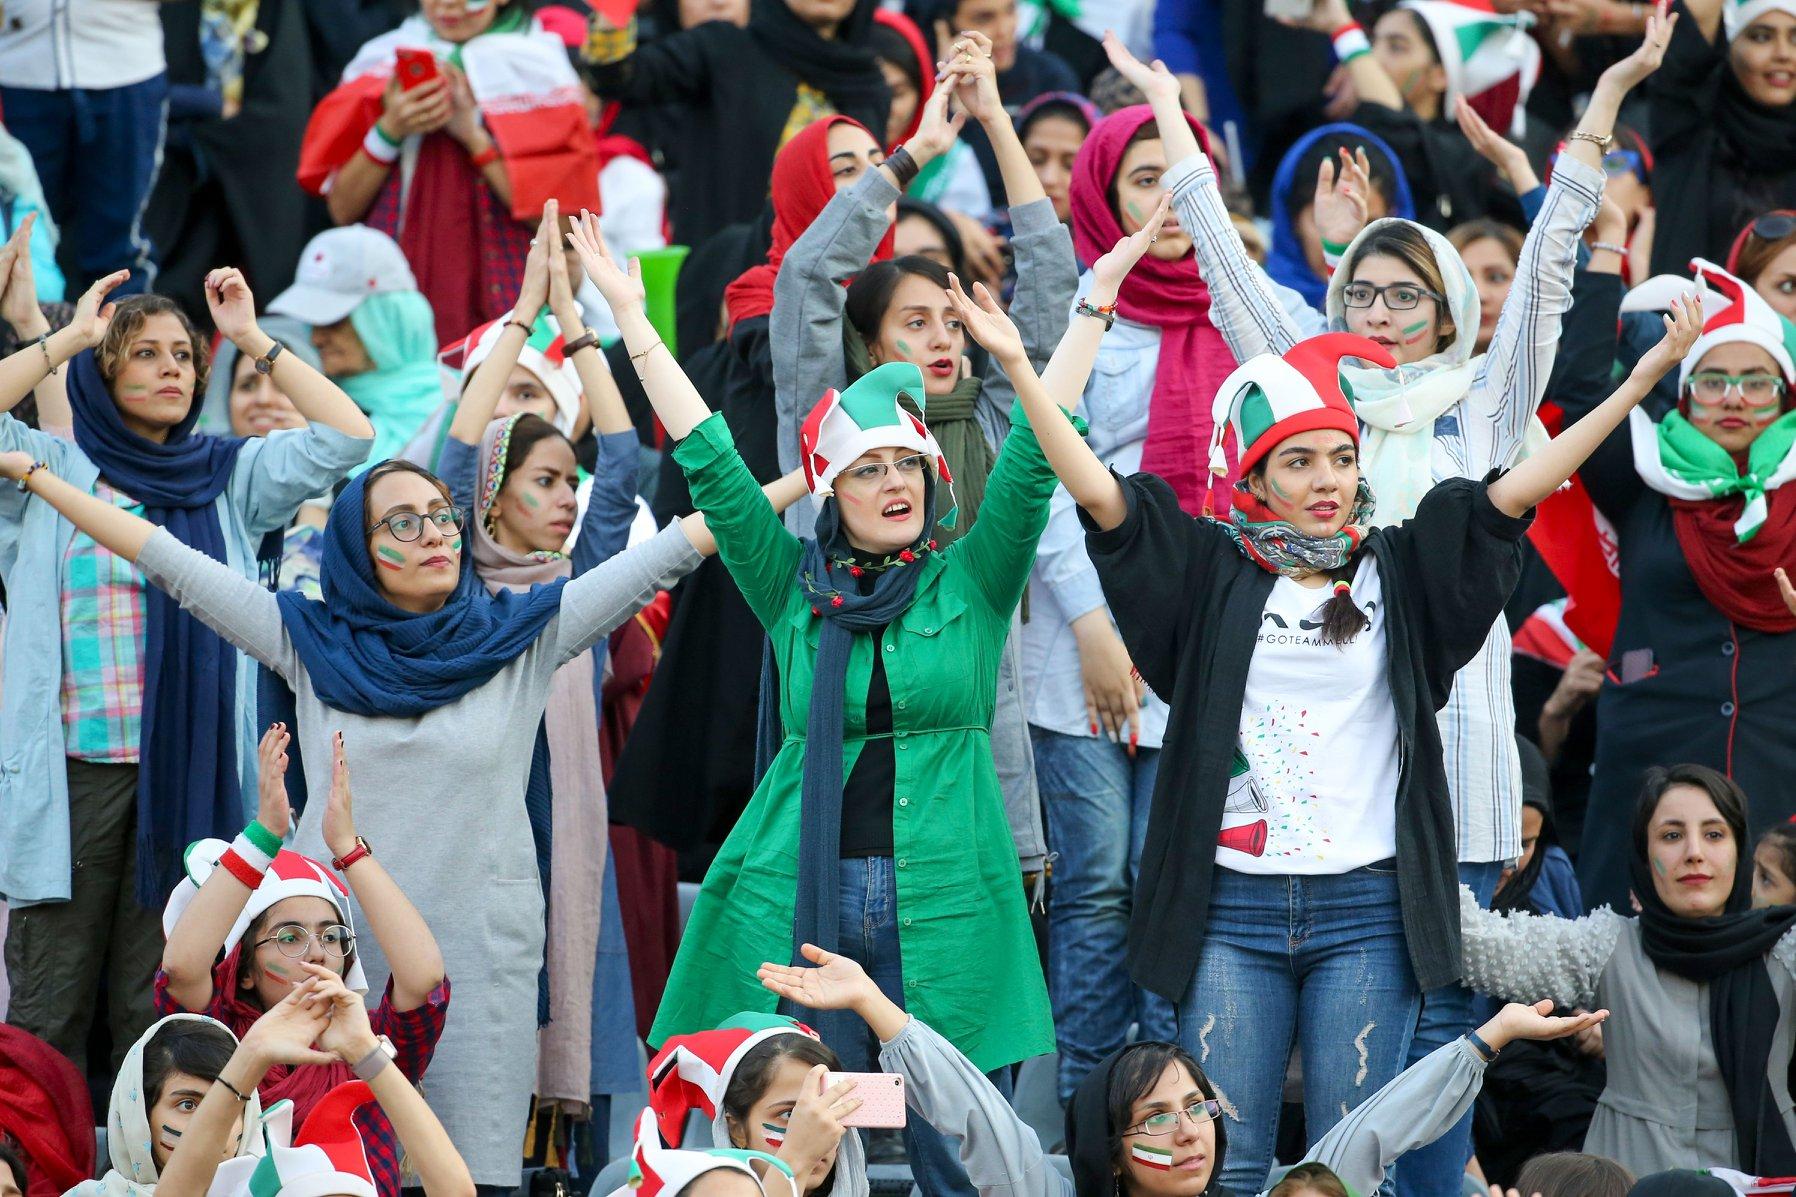 Pas 40 vitesh ndalesë, Irani lejon gratë të shikojnë futboll në stadium